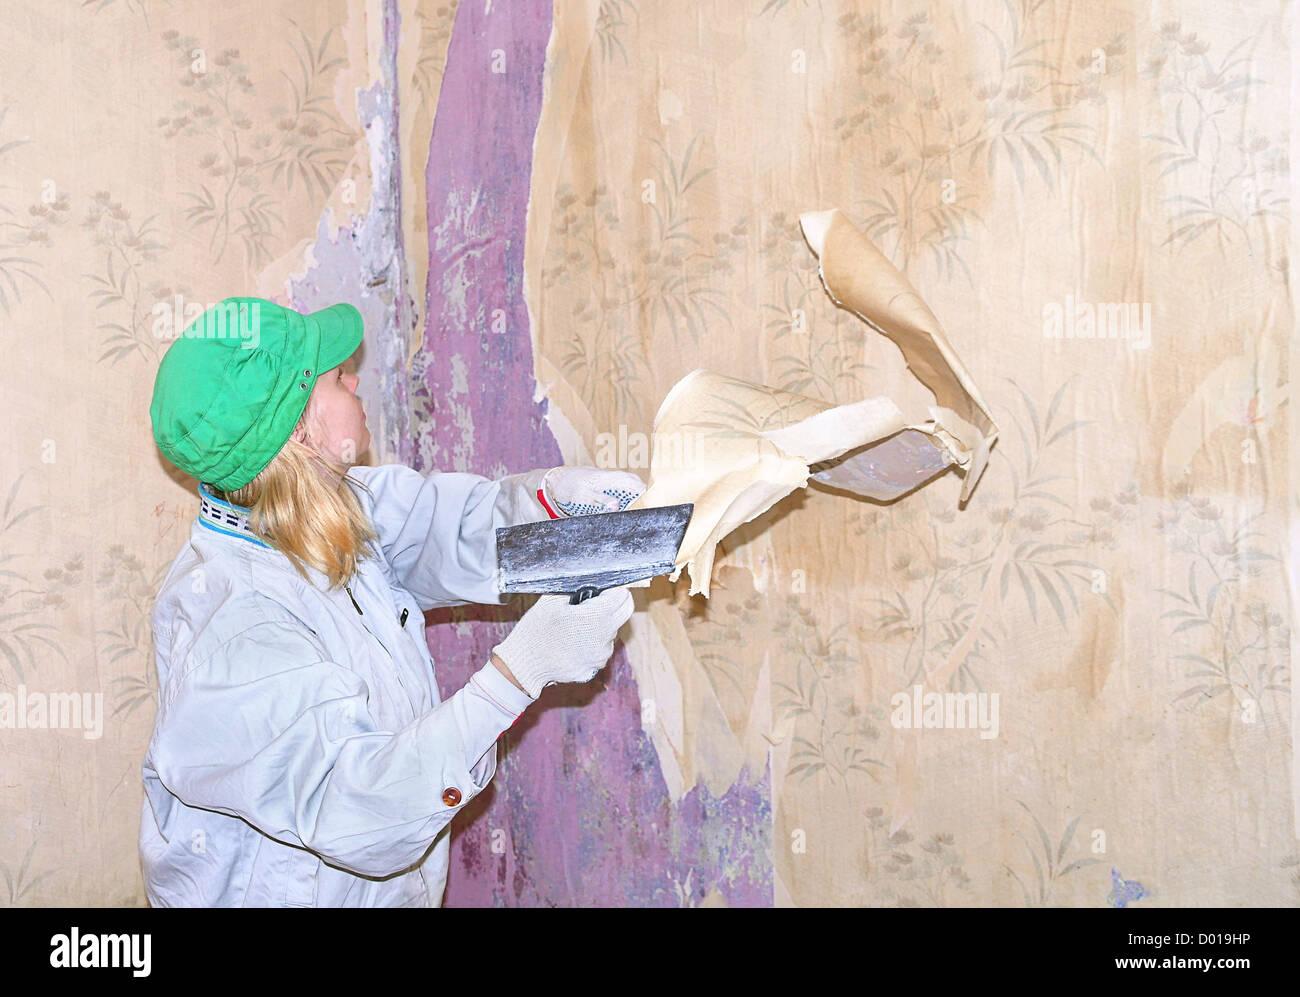 Tapete Reparieren frau arbeiter tapete entfernen durch renovierungs spachtel zu